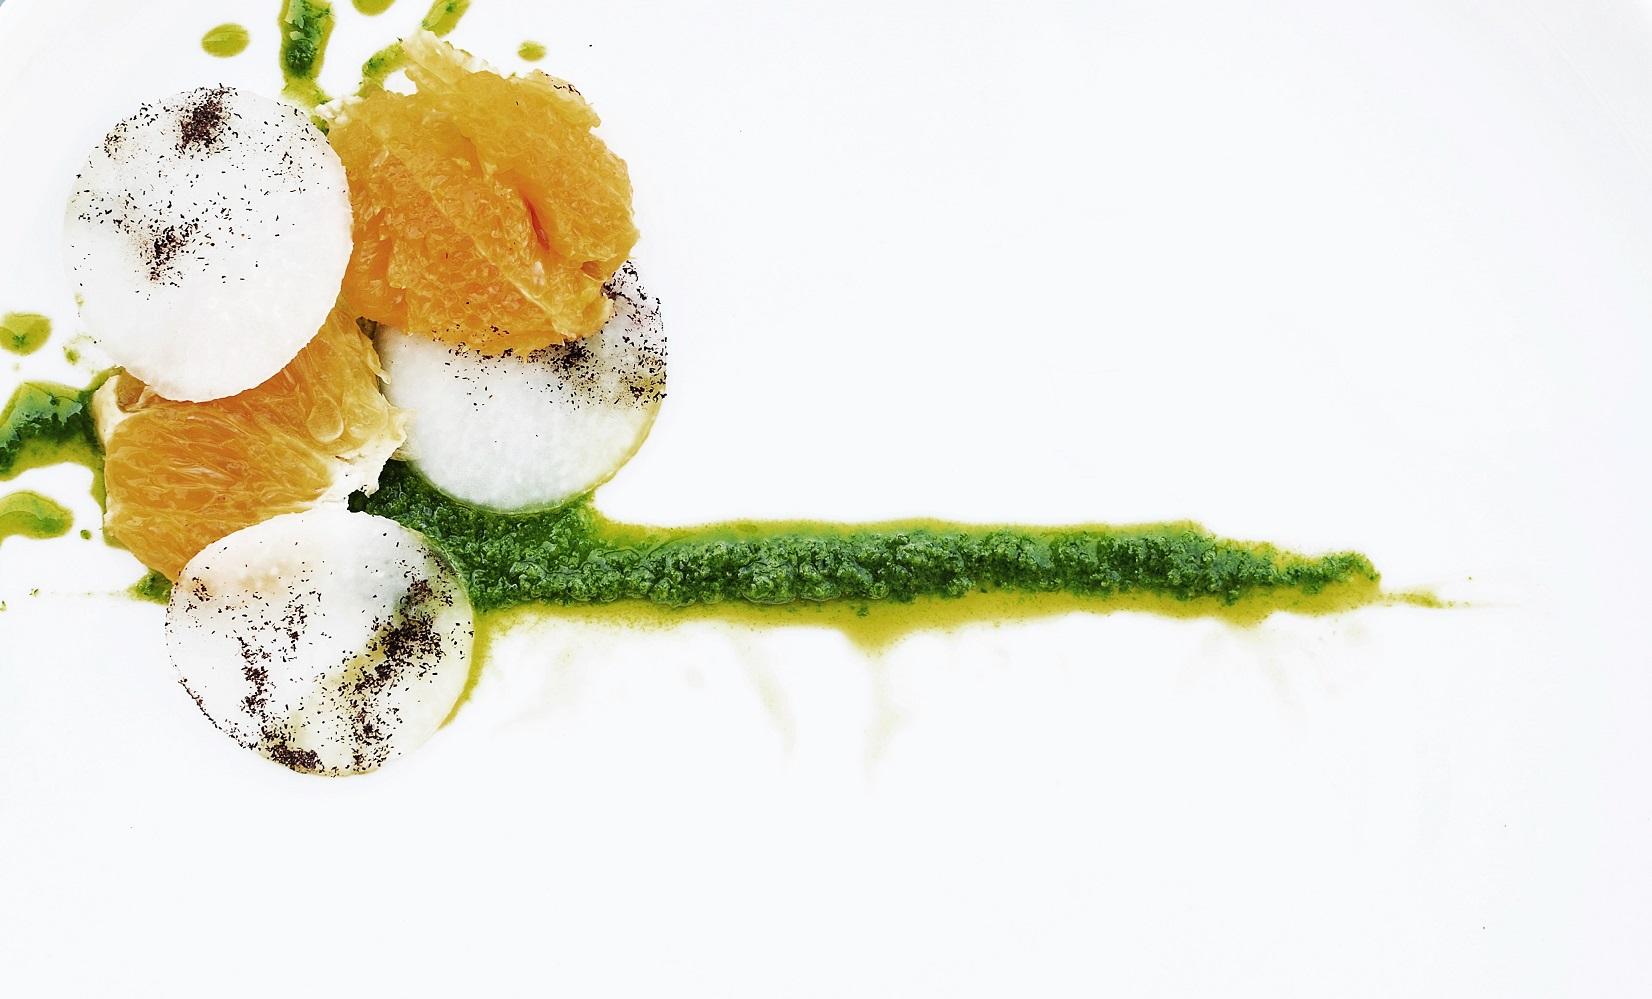 Apetyczne śniadanie: szczypior, pomarańcza, kalarepa, łuska gryczana (fot. Jagna Niedzielska / Architektura Kulinarna)